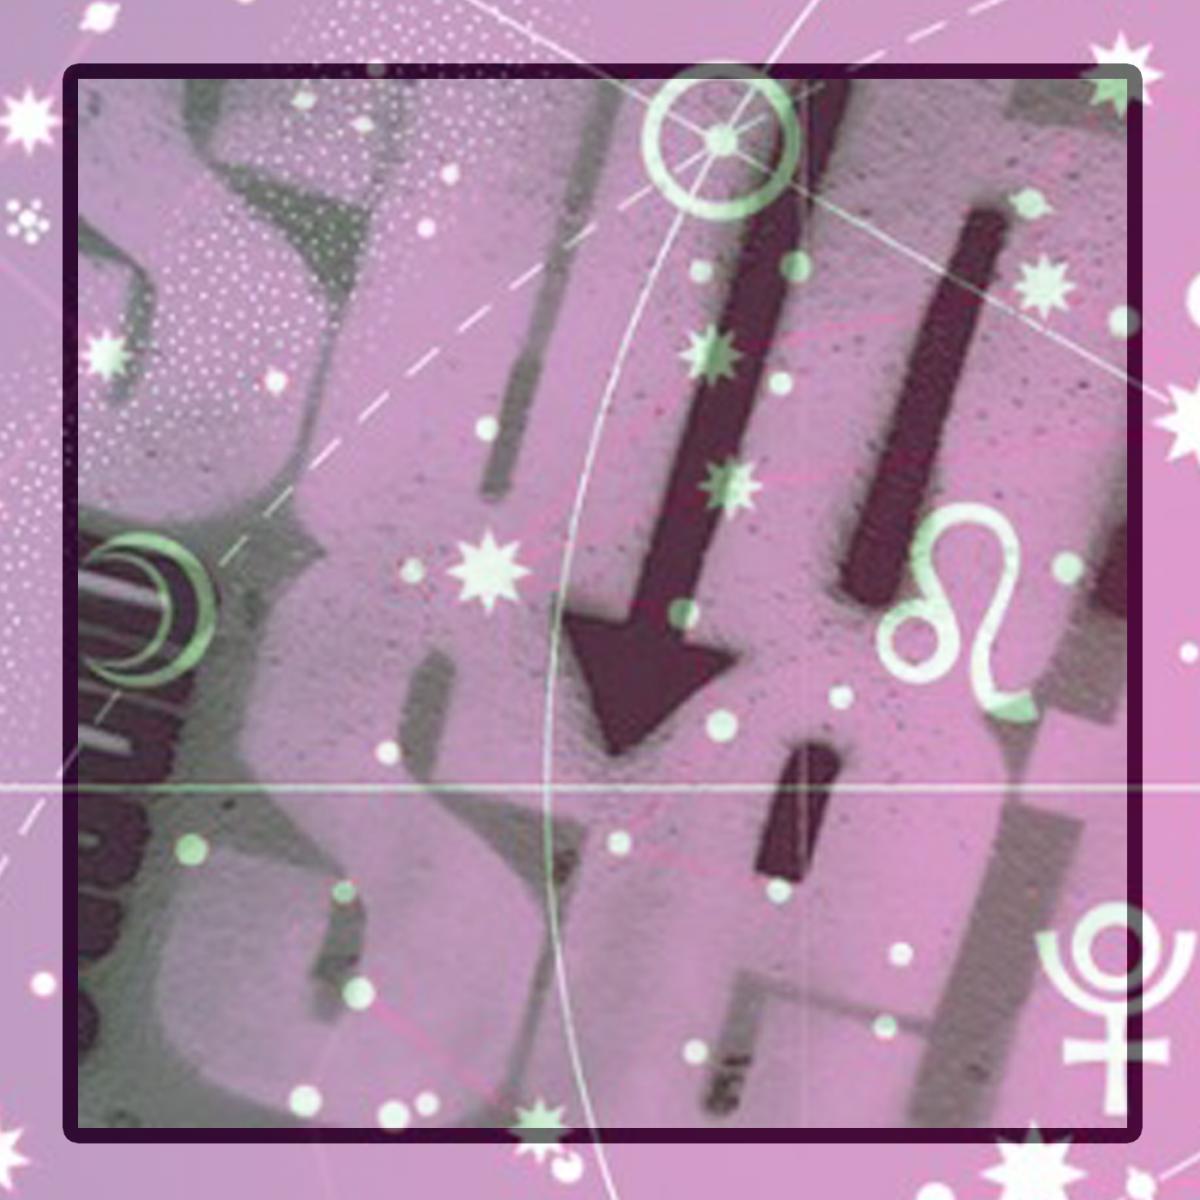 Programa Subset 41 – Zodiaco, Runas e Dominó